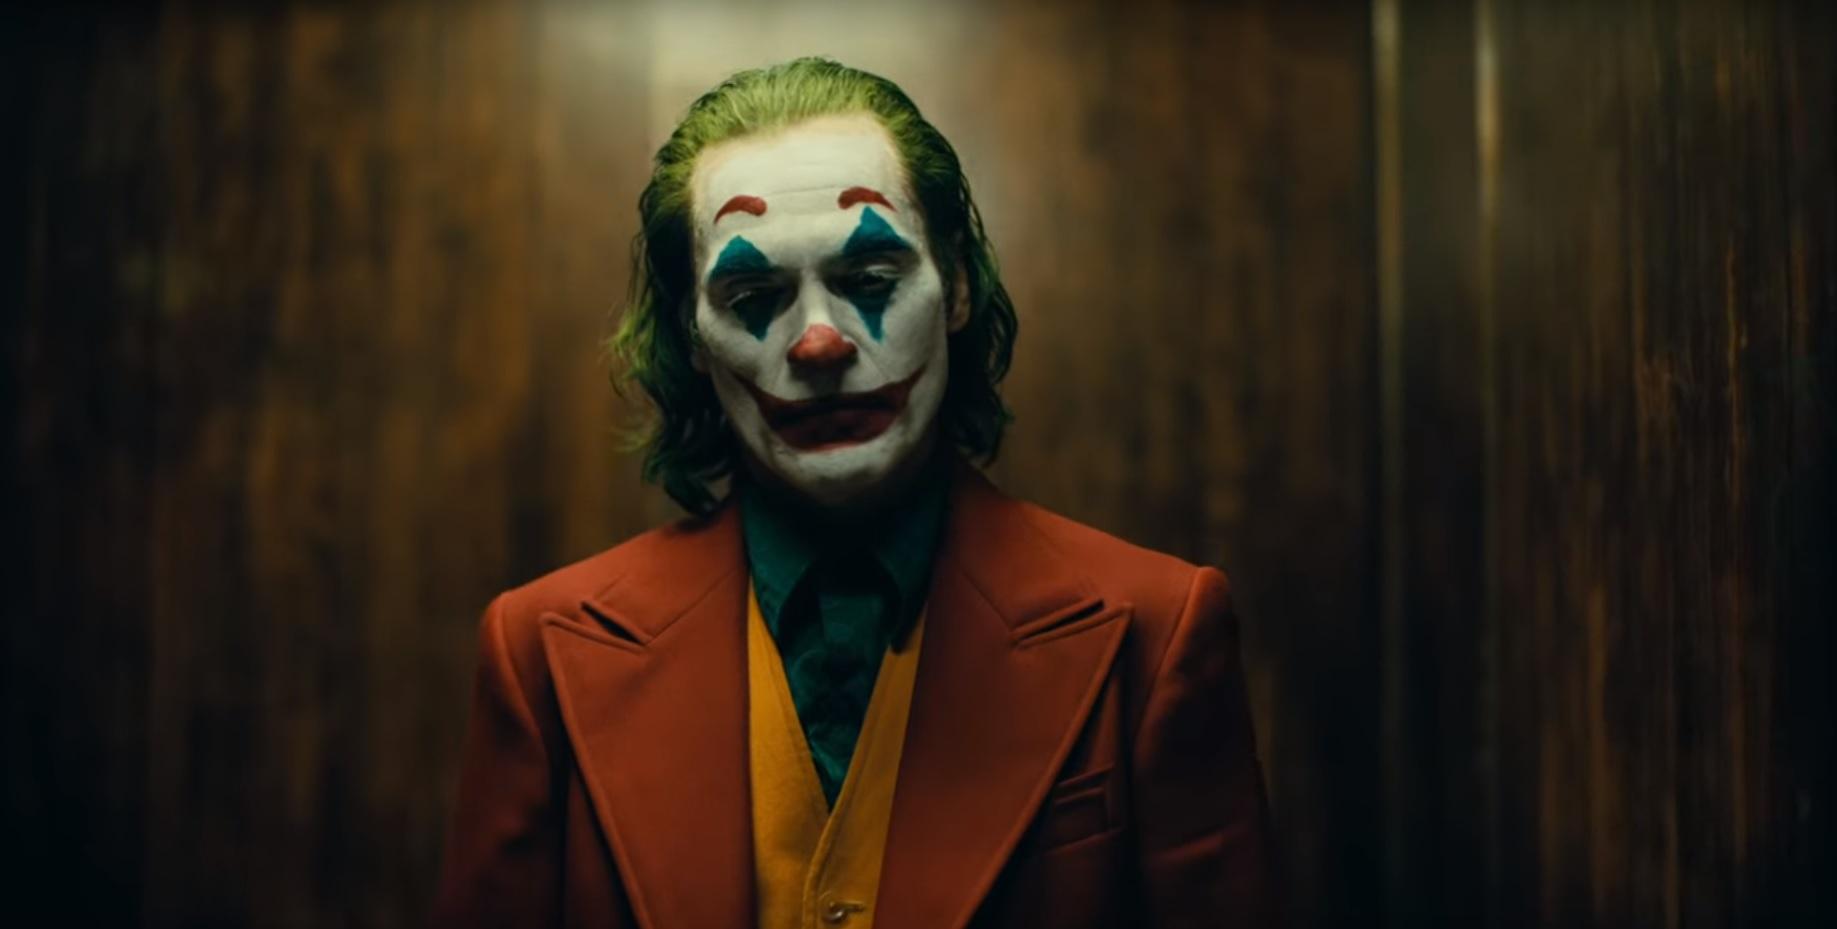 Kijött az első előzetes Joaquin Phoenix Joker filmjéhez